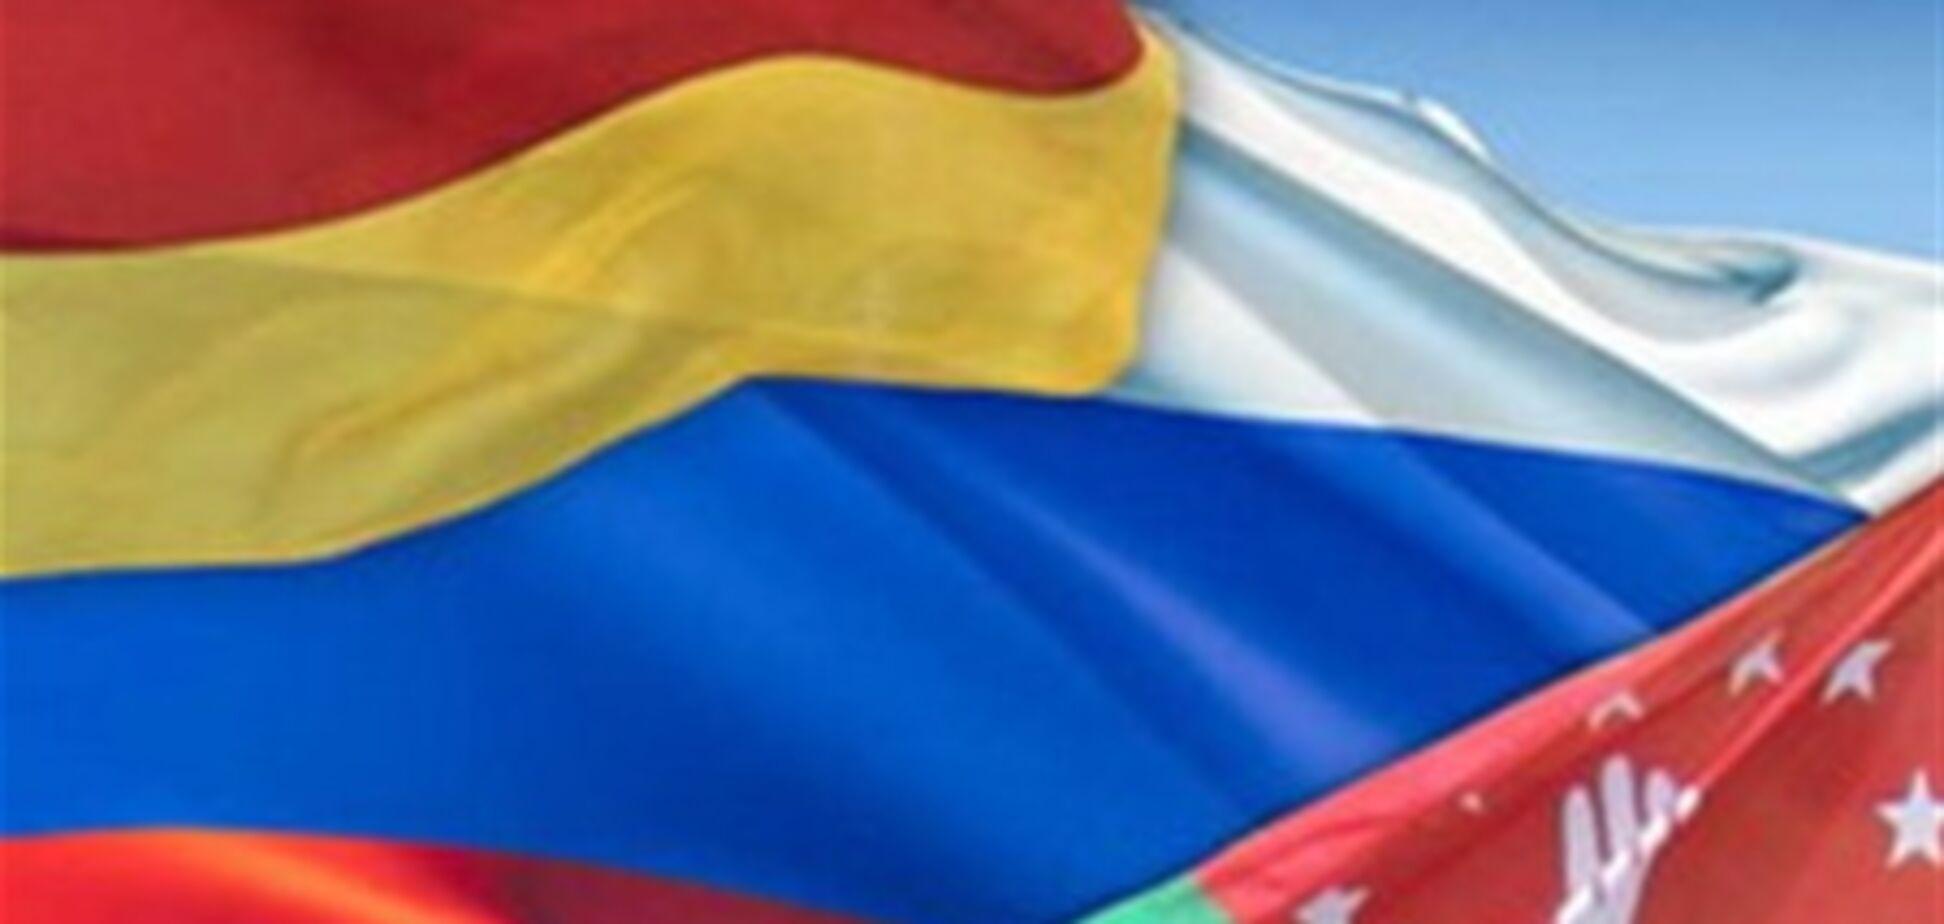 Грузия положит конец оккупации РФ Абхазии и Южной Осетии